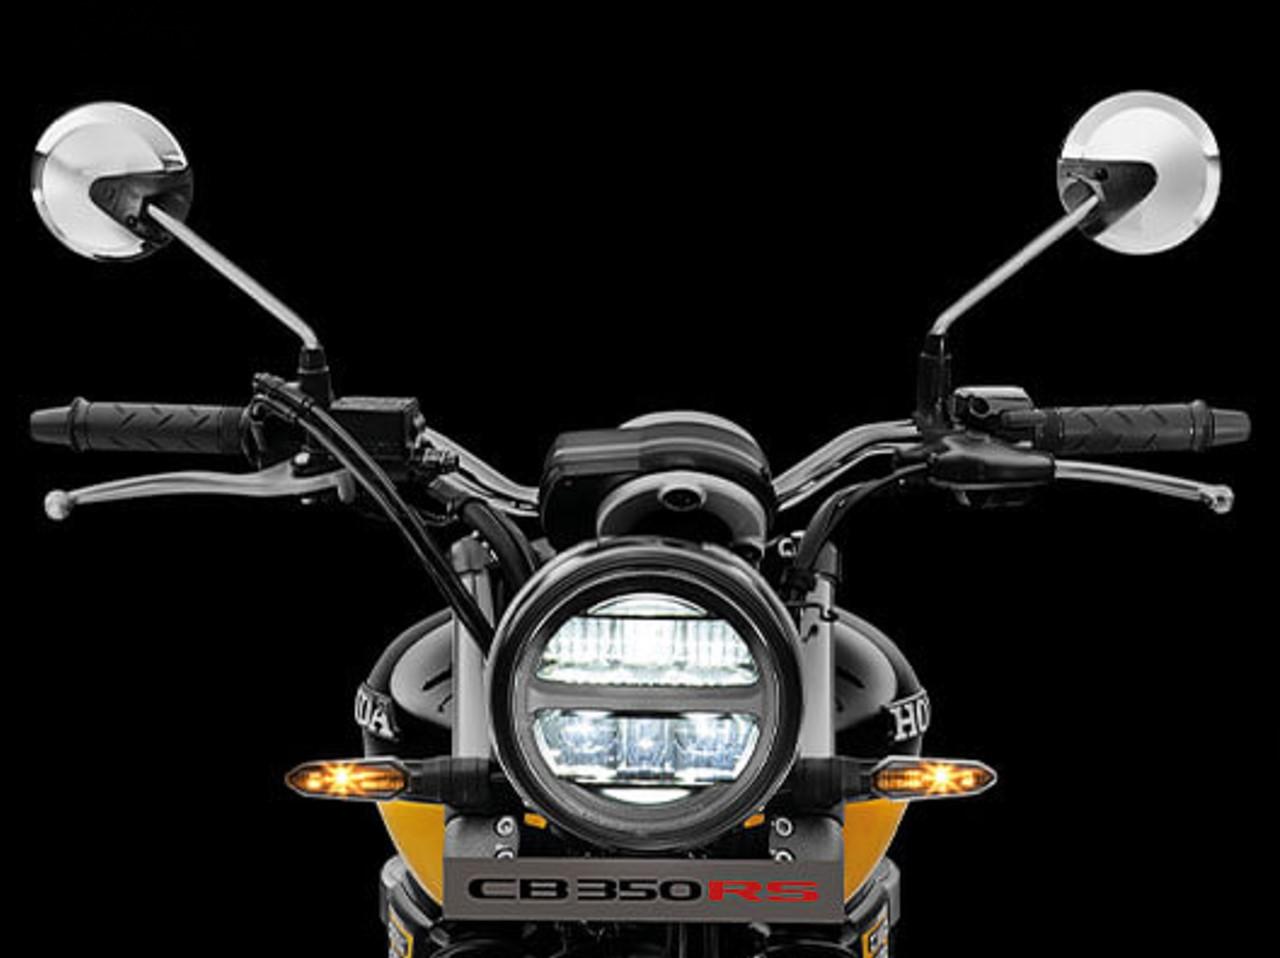 Thumbnail 6. Honda Cb 350 Rs